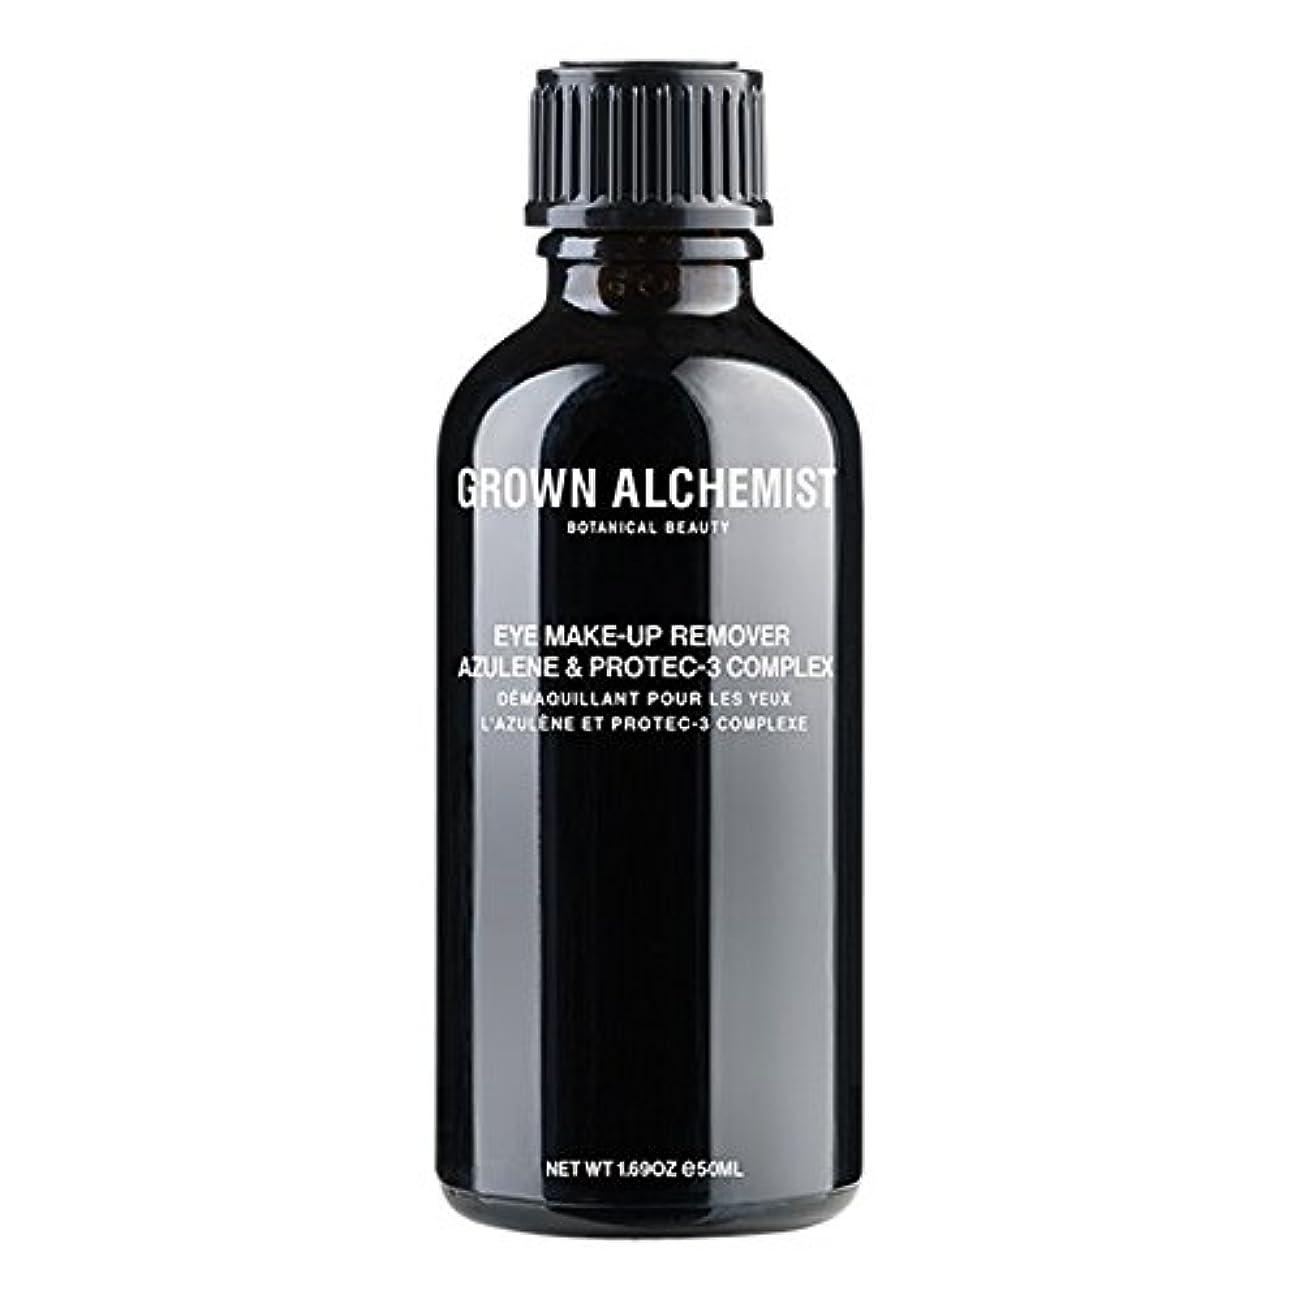 テープ接地掃く成長した錬金術師アズレン&Protec-3アイメイクアップリムーバーの50ミリリットル (Grown Alchemist) - Grown Alchemist Azulene & Protec-3 Eye-Makeup...